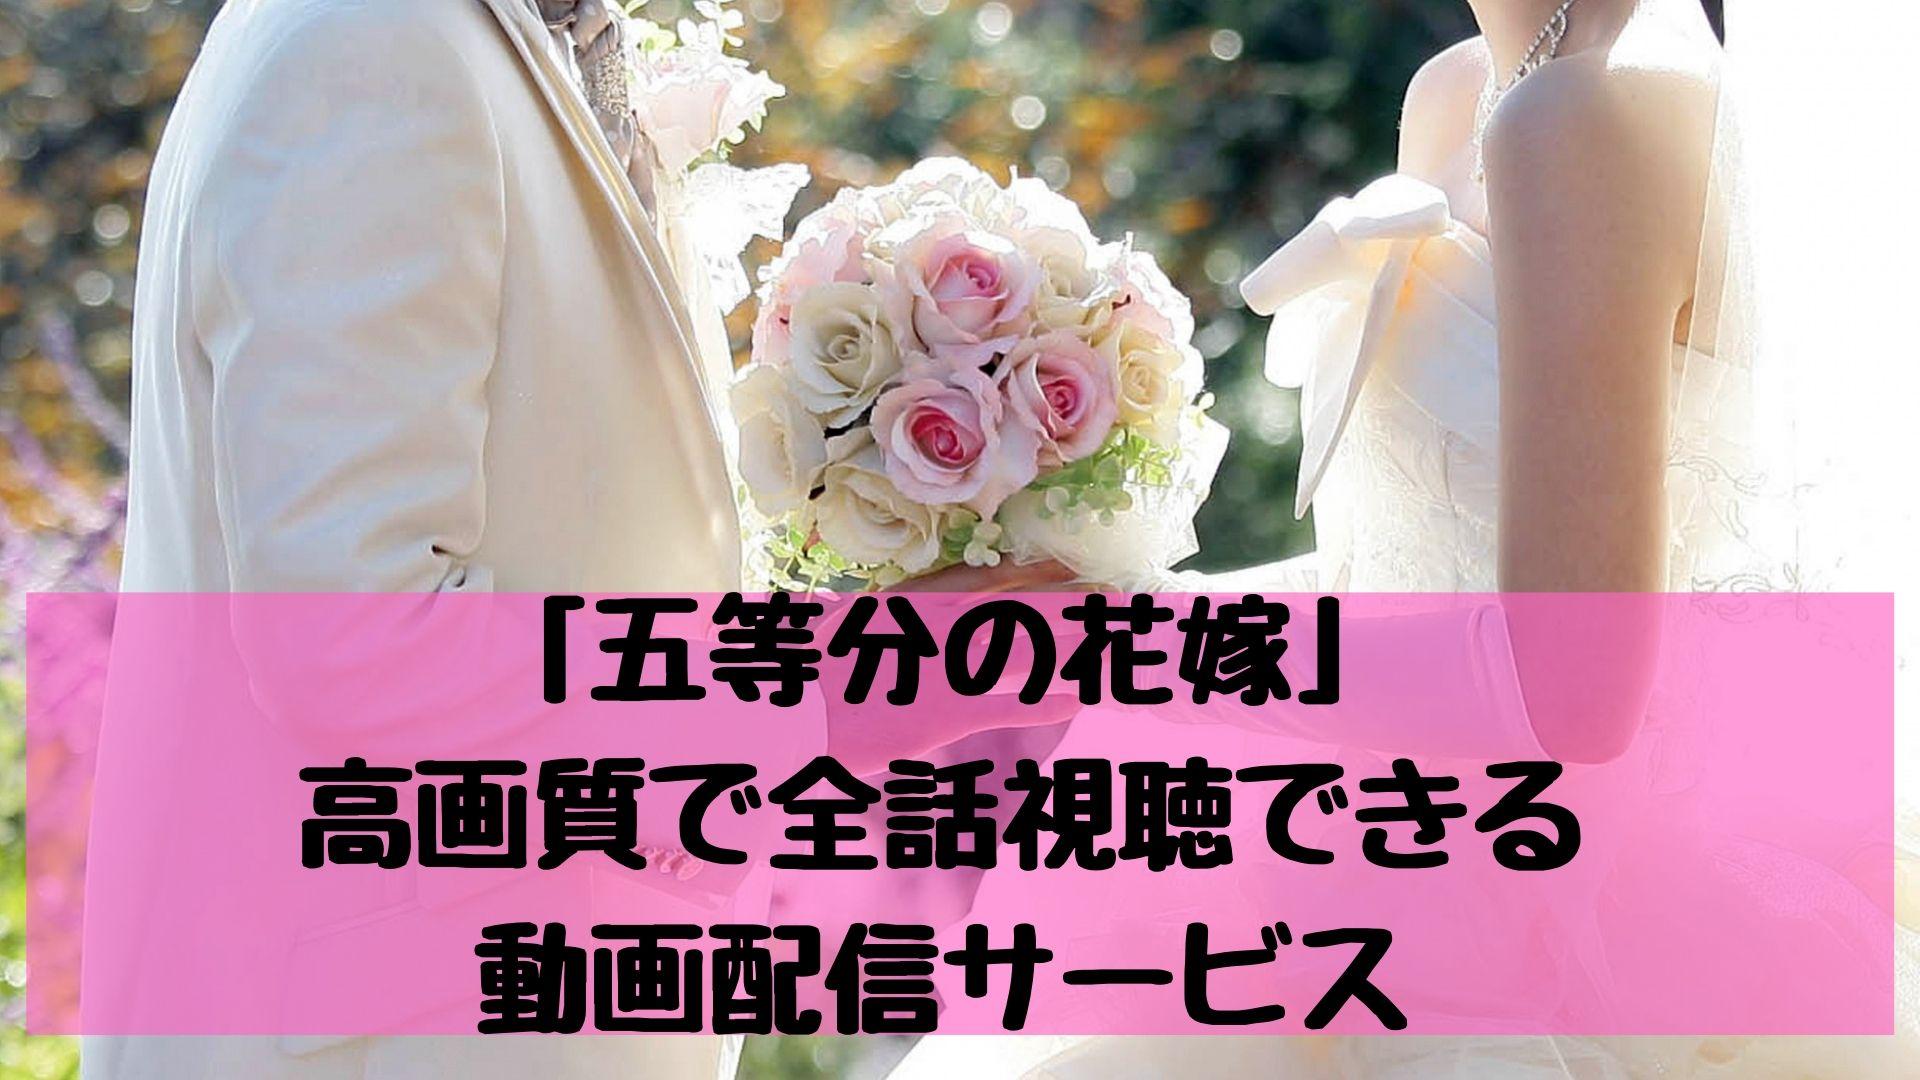 「五等分の花嫁」の動画!高画質で全話視聴できる動画配信サービス一覧!無料視聴も?